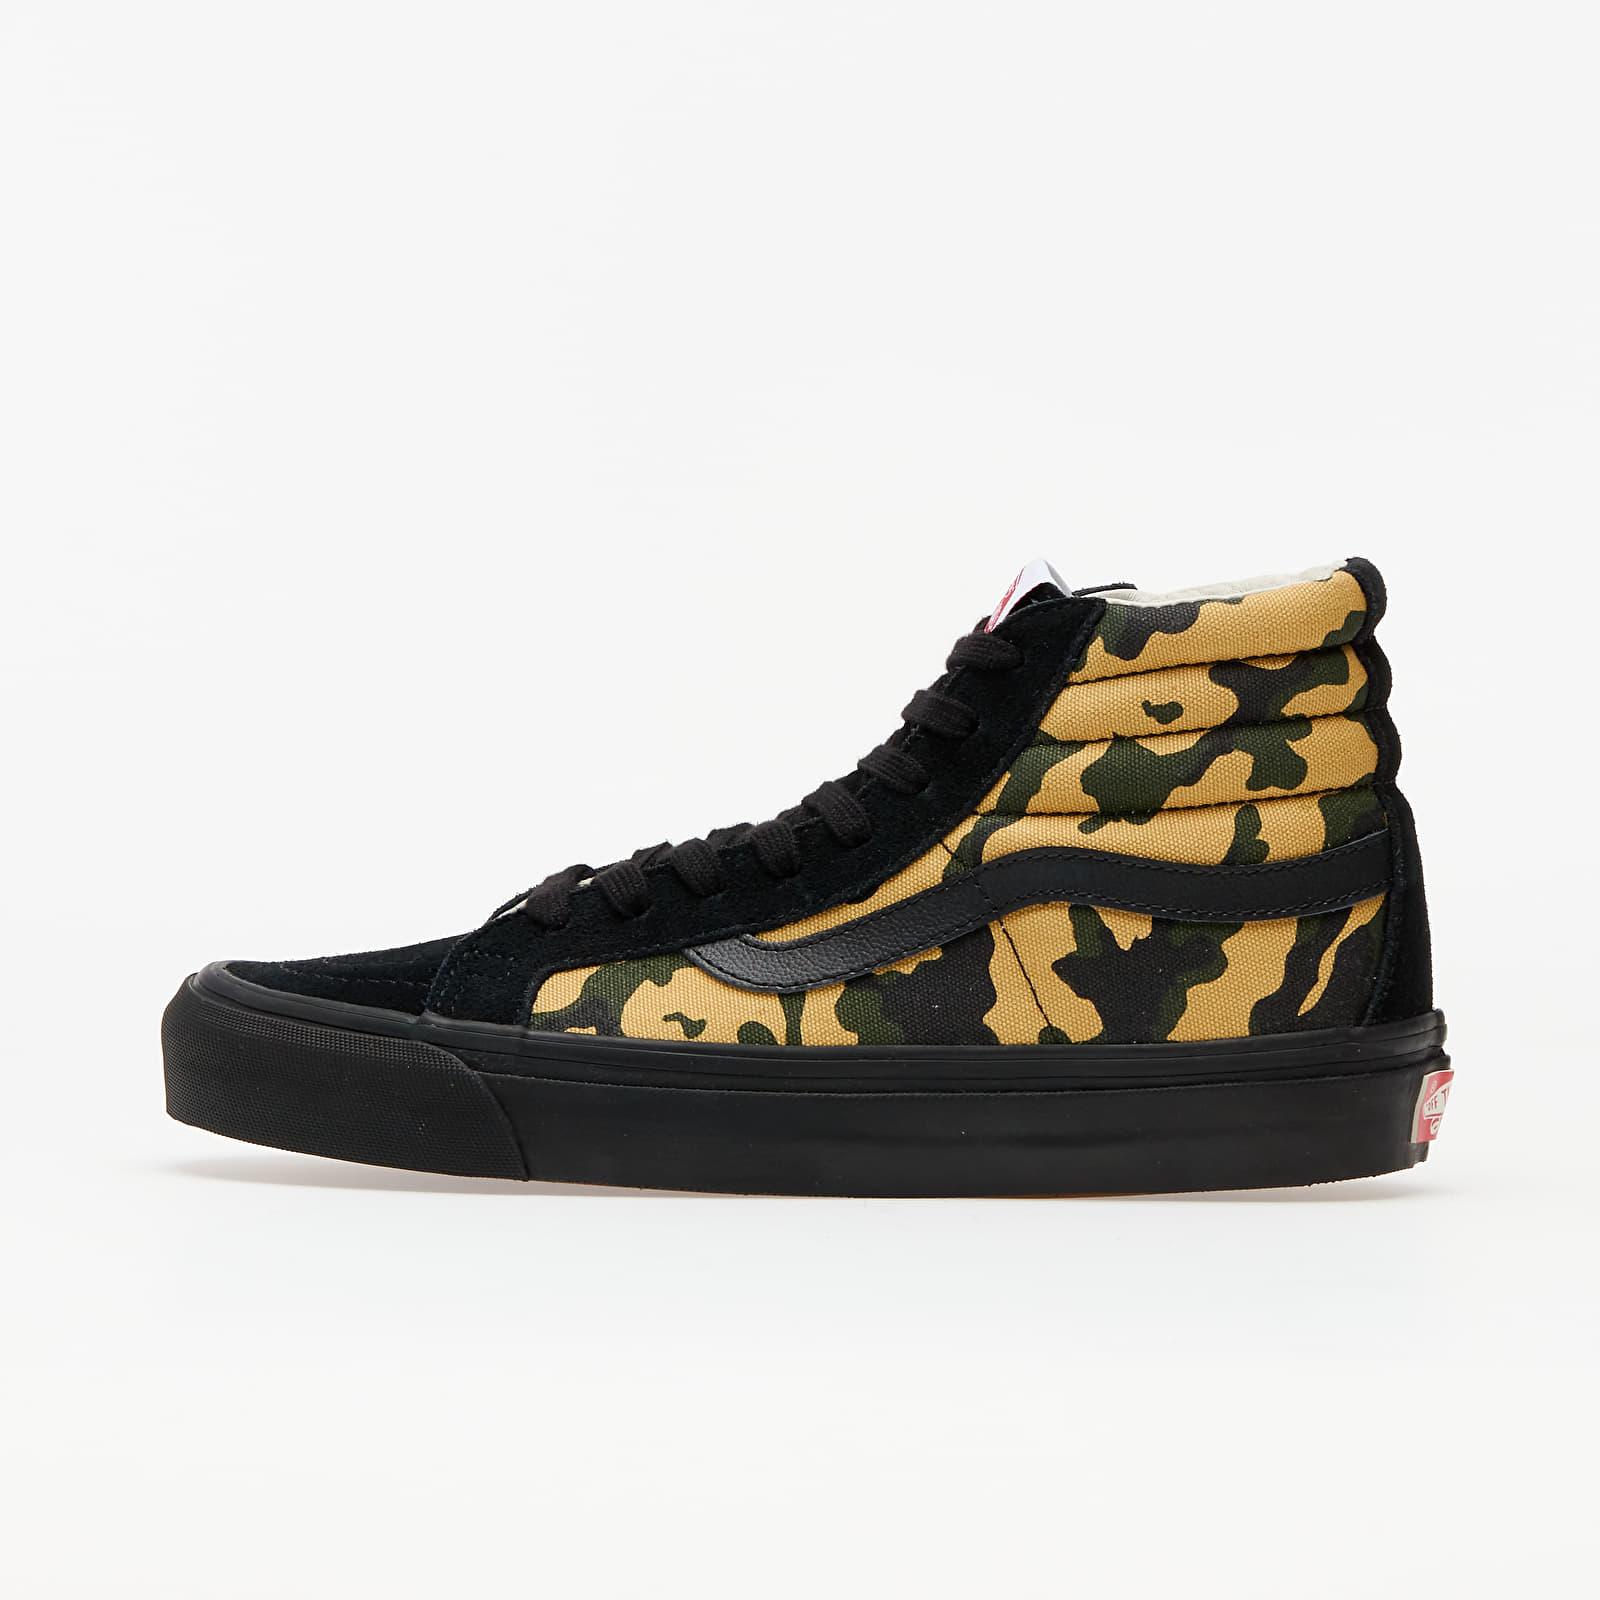 Men's shoes Vans OG Sk8-Hi LX (Suede/ Canvas) Camo/ Black